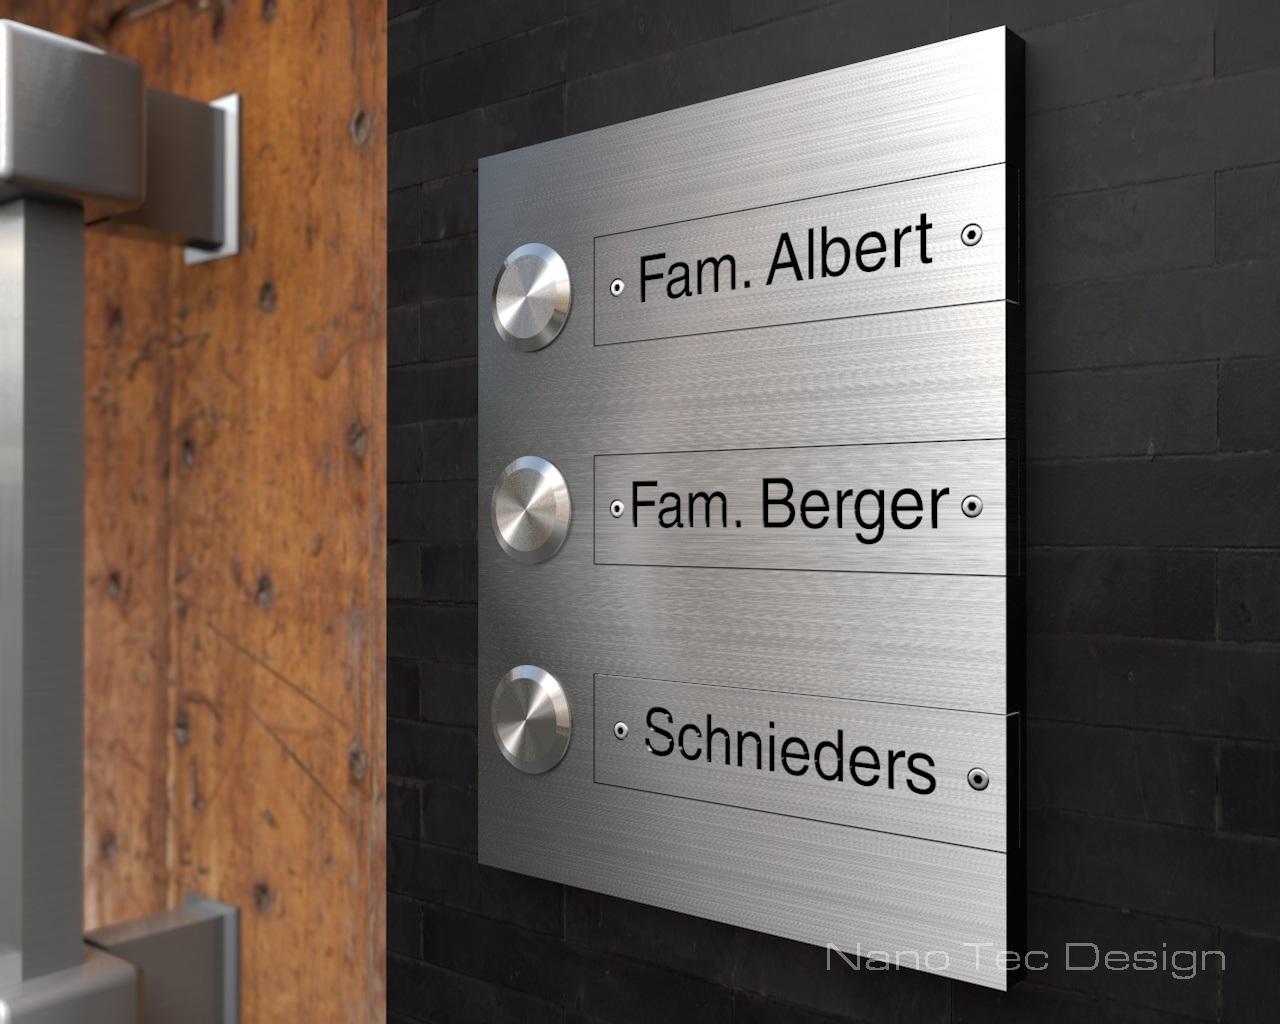 3 Familiehaus Design Edelstahlklingel mit Gravurschild zum austauschen